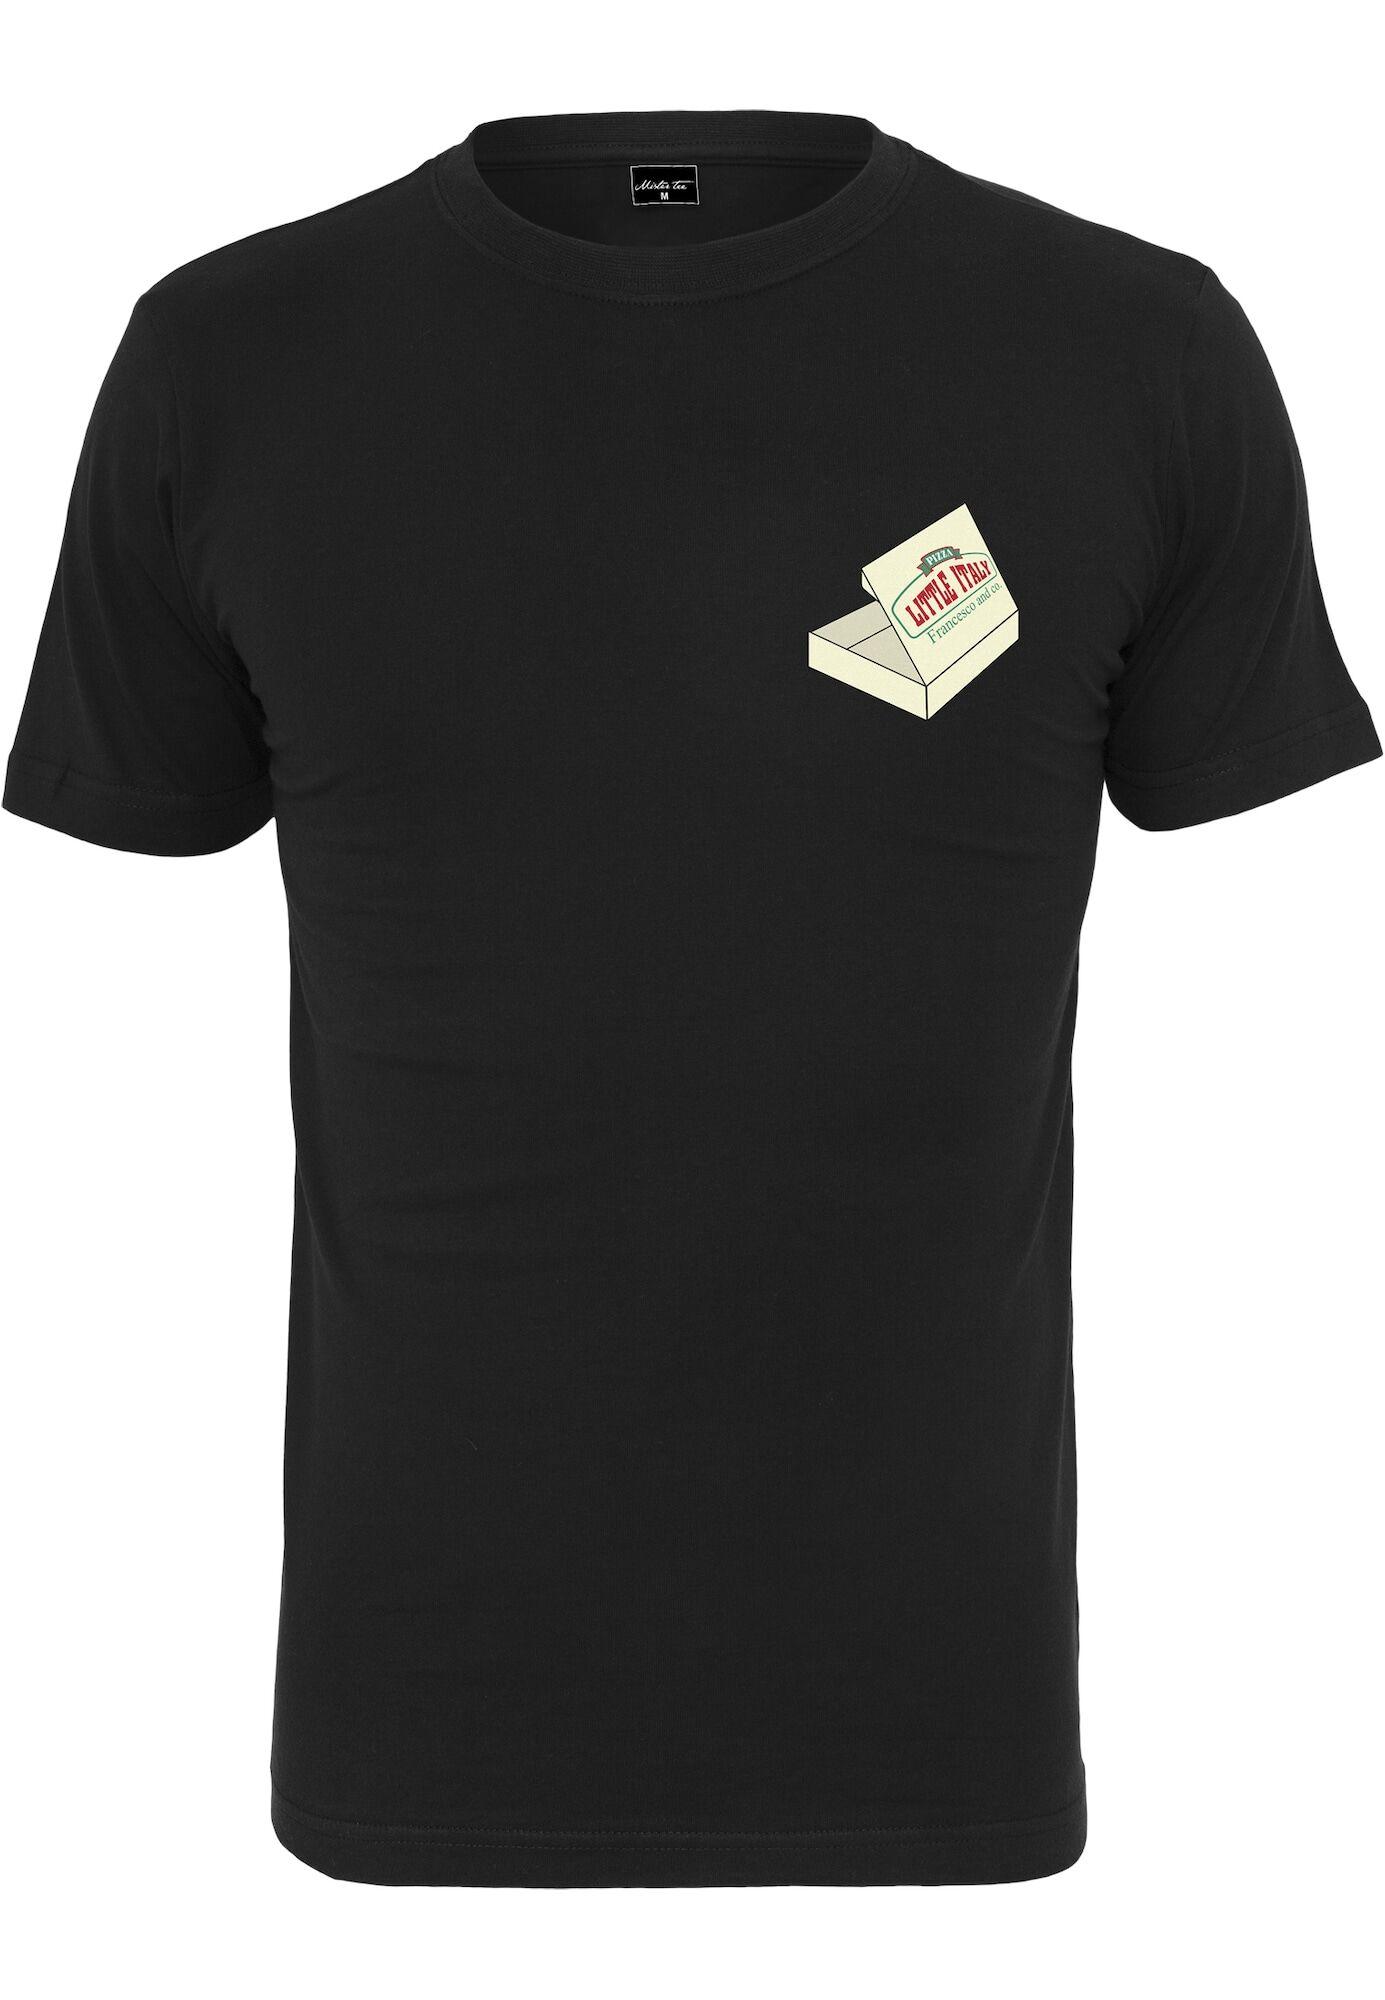 Tee T-Shirt 'Pizza Francesco'  - Noir - Taille: L - male